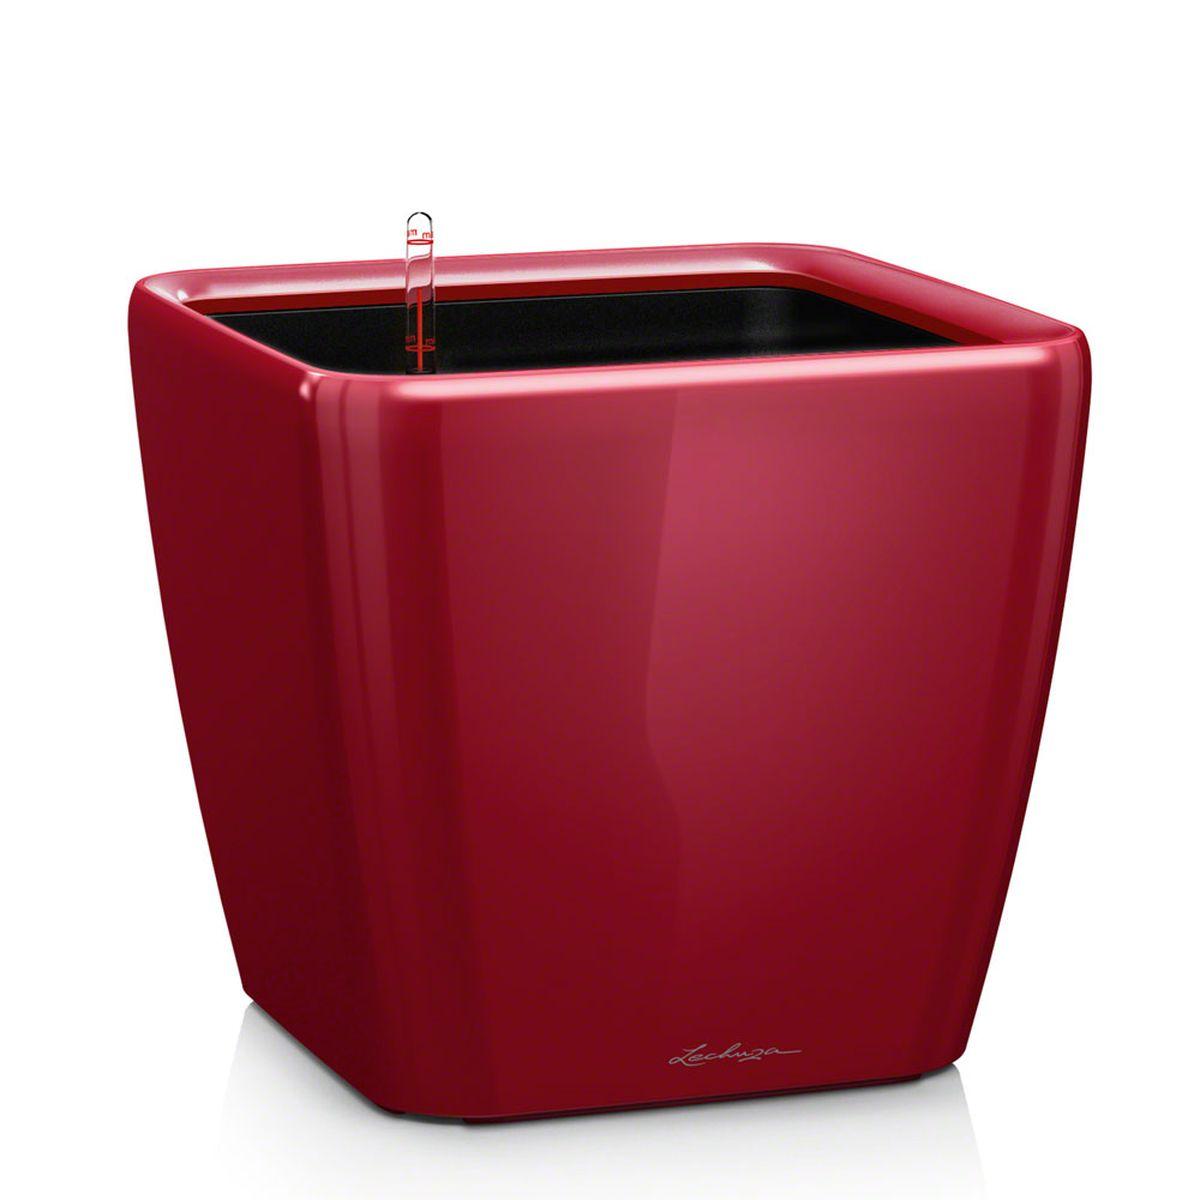 Кашпо Lechuza Quadro, с системой автополива, цвет: красный, 43 х 43 х 40 смМ 3221_терракотовыйКашпо Lechuza Quadro, выполненное извысококачественного пластика, имеет уникальную системуавтополива, благодаря которой корневая система растениянепрерывно снабжается влагой из резервуара. Уровень водыв резервуаре контролируется с помощью специальногоиндикатора. В зависимости от размера кашпо и растенияводы хватает на 2-12 недель. Это способствует хорошему ростуцветов и предотвращает переувлажнение. В набор входит: кашпо, внутренний горшок, индикатор уровняводы, вал подачи воды, субстрат растений в качестведренажного слоя, резервуар для воды.Кашпо Lechuza Quadro прекрасно впишется в любойинтерьер. Оно поможет расставить нужные акценты, а такжепридаст помещению вид, соответствующий вашимпредставлениям.